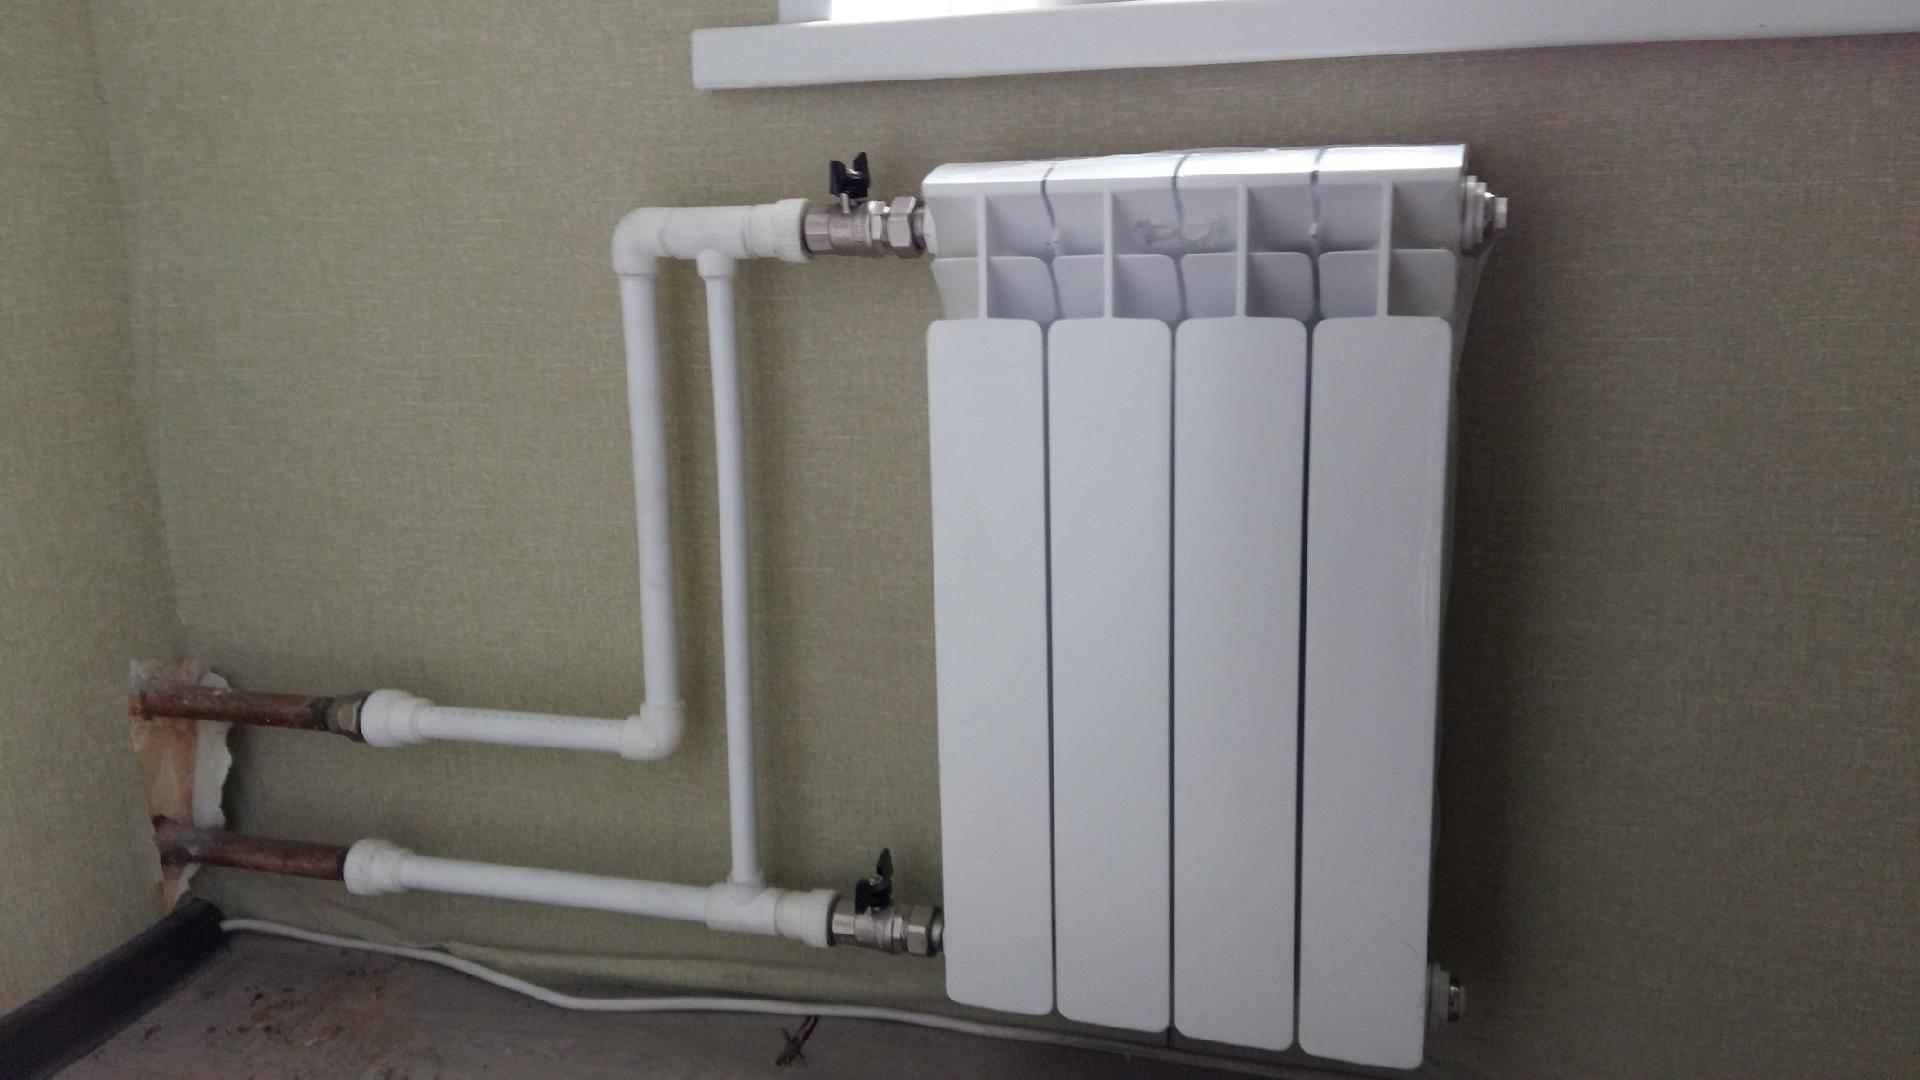 Подключение радиатора отопления к полипропиленовым трубам: как соединить, подсоединение батареи к пластиковой трубе